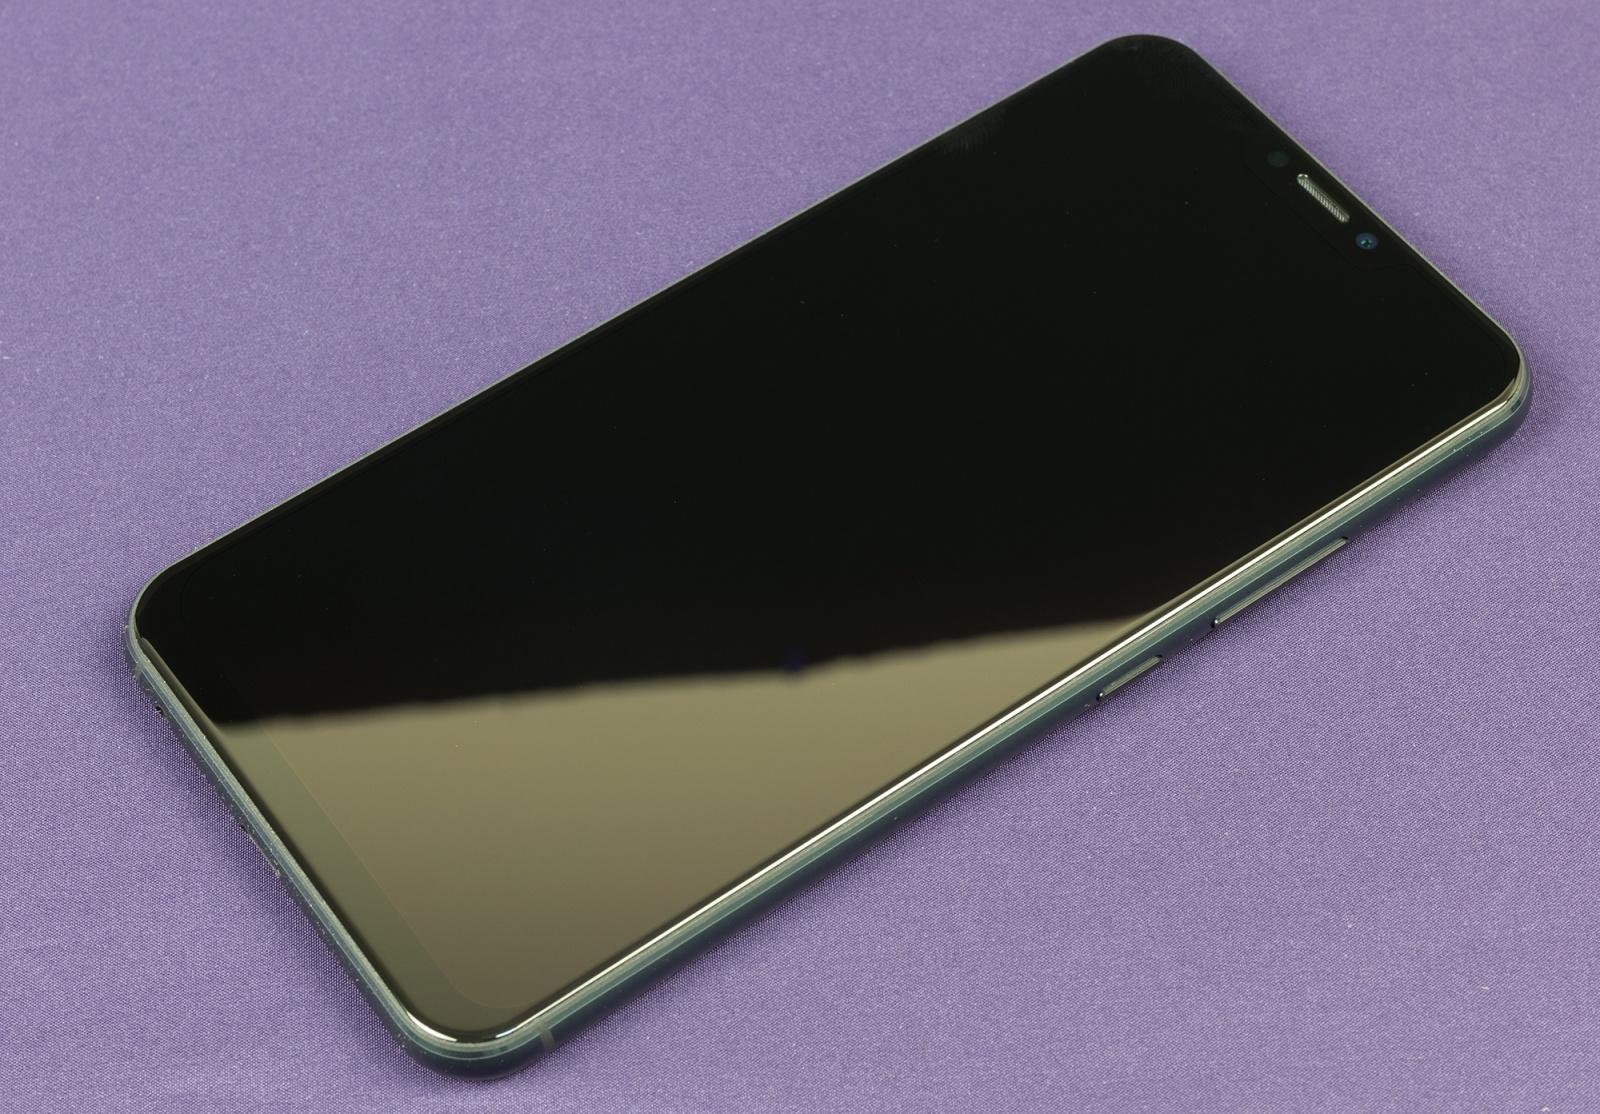 Обзор смартфона ASUS Zenfone 5 ZE620KL - 8